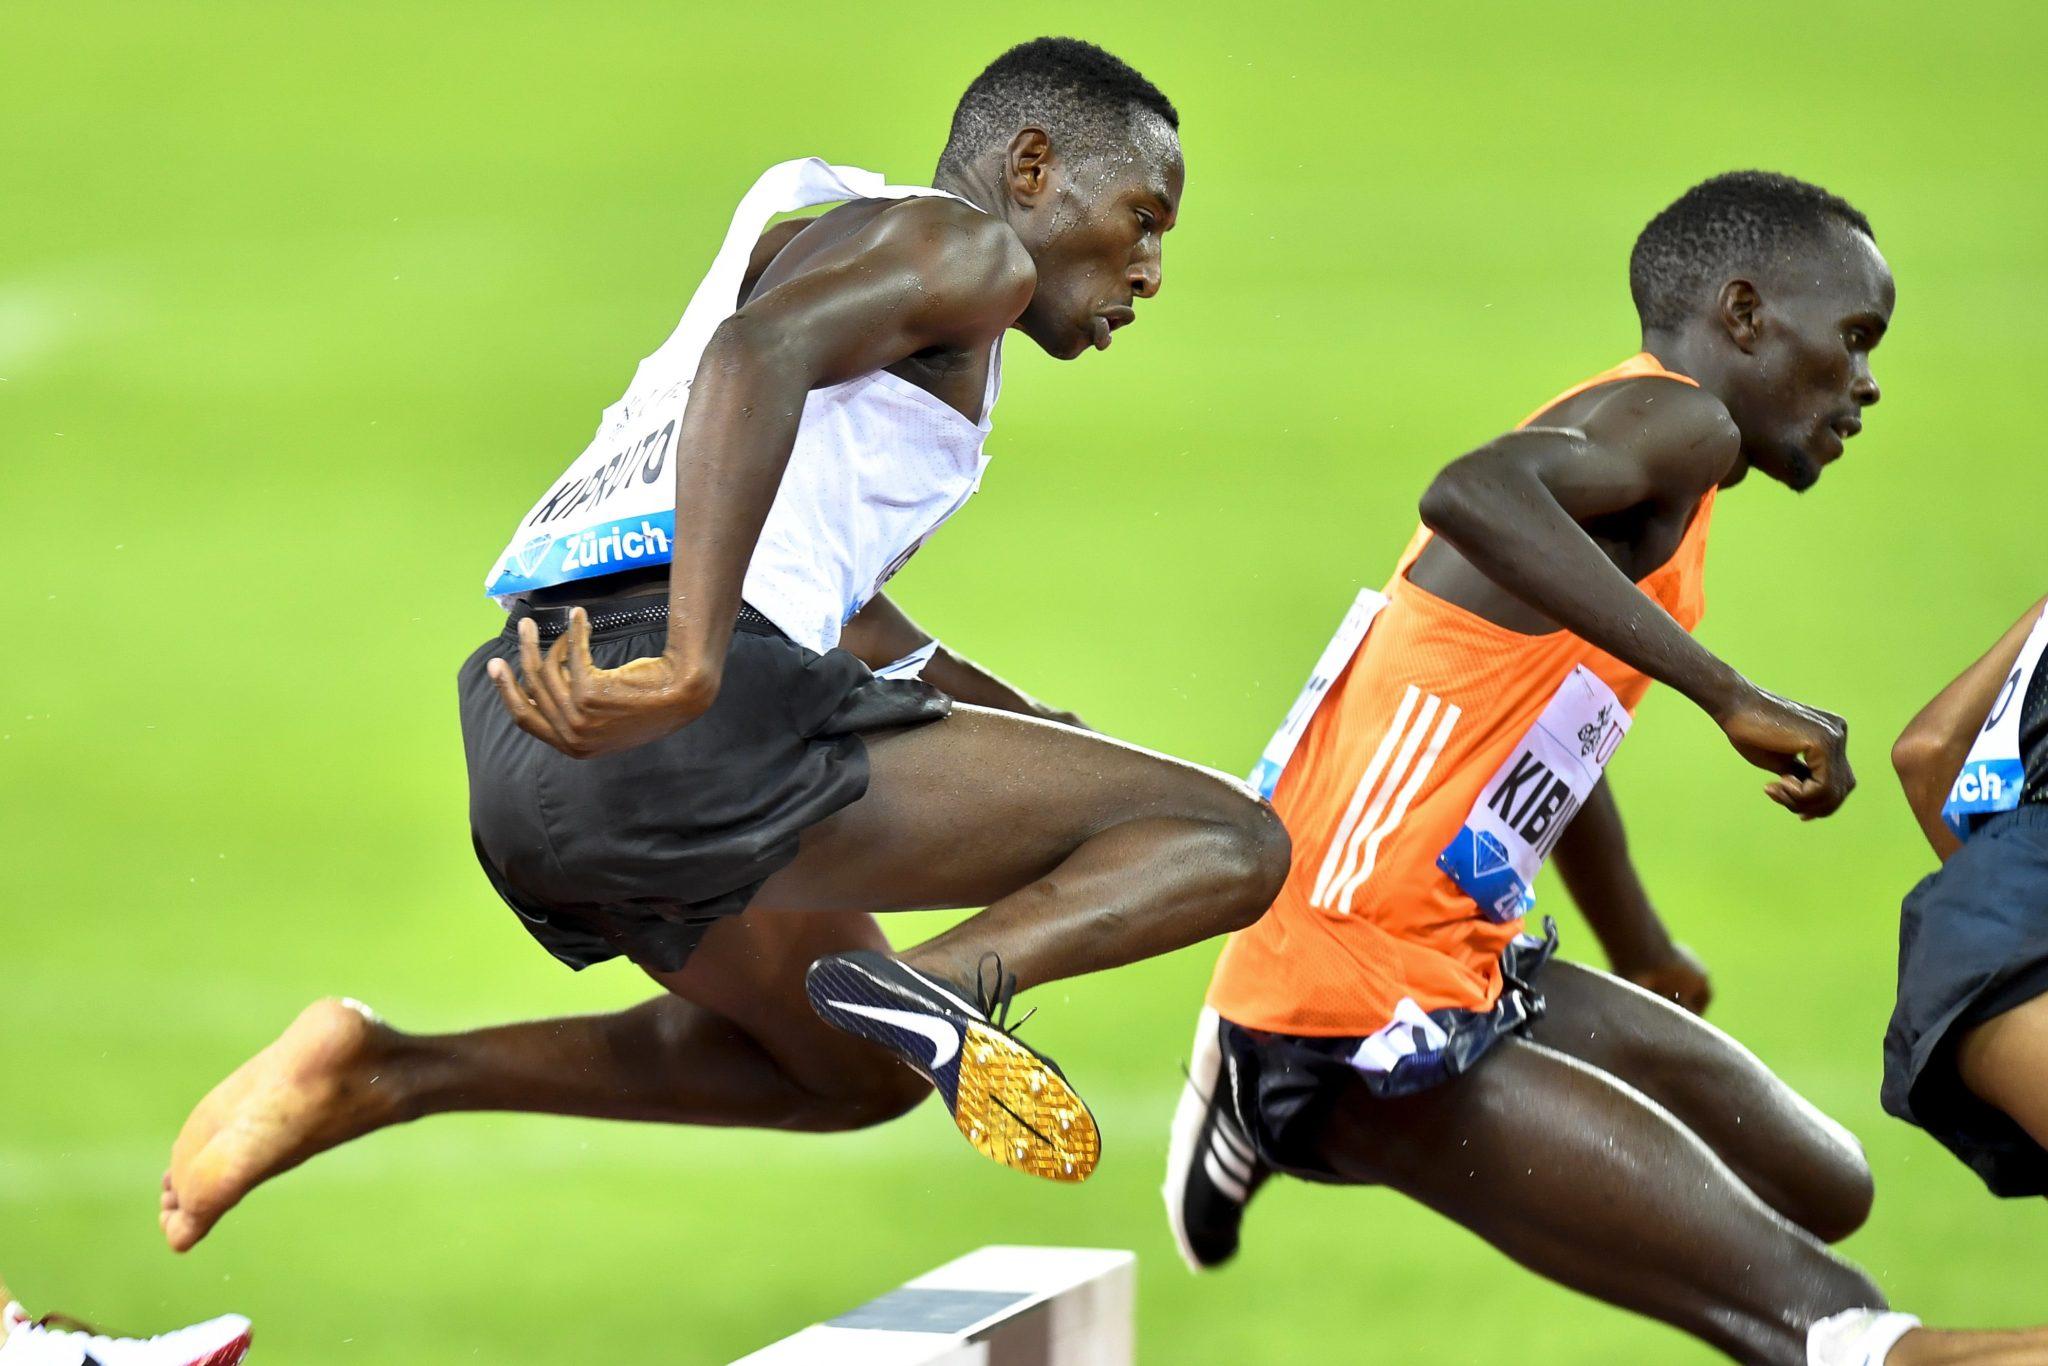 Conseslus Kipruto z Kenii na ostatniej prostej do zwycięstwa w wyścigu mężczyzn na 3000 metrów przed przeszkodami podczas międzynarodowego spotkania lekkoatletycznego Weltklasse Diamond League w Zurychu, Walter Bieri, PAP/EPA